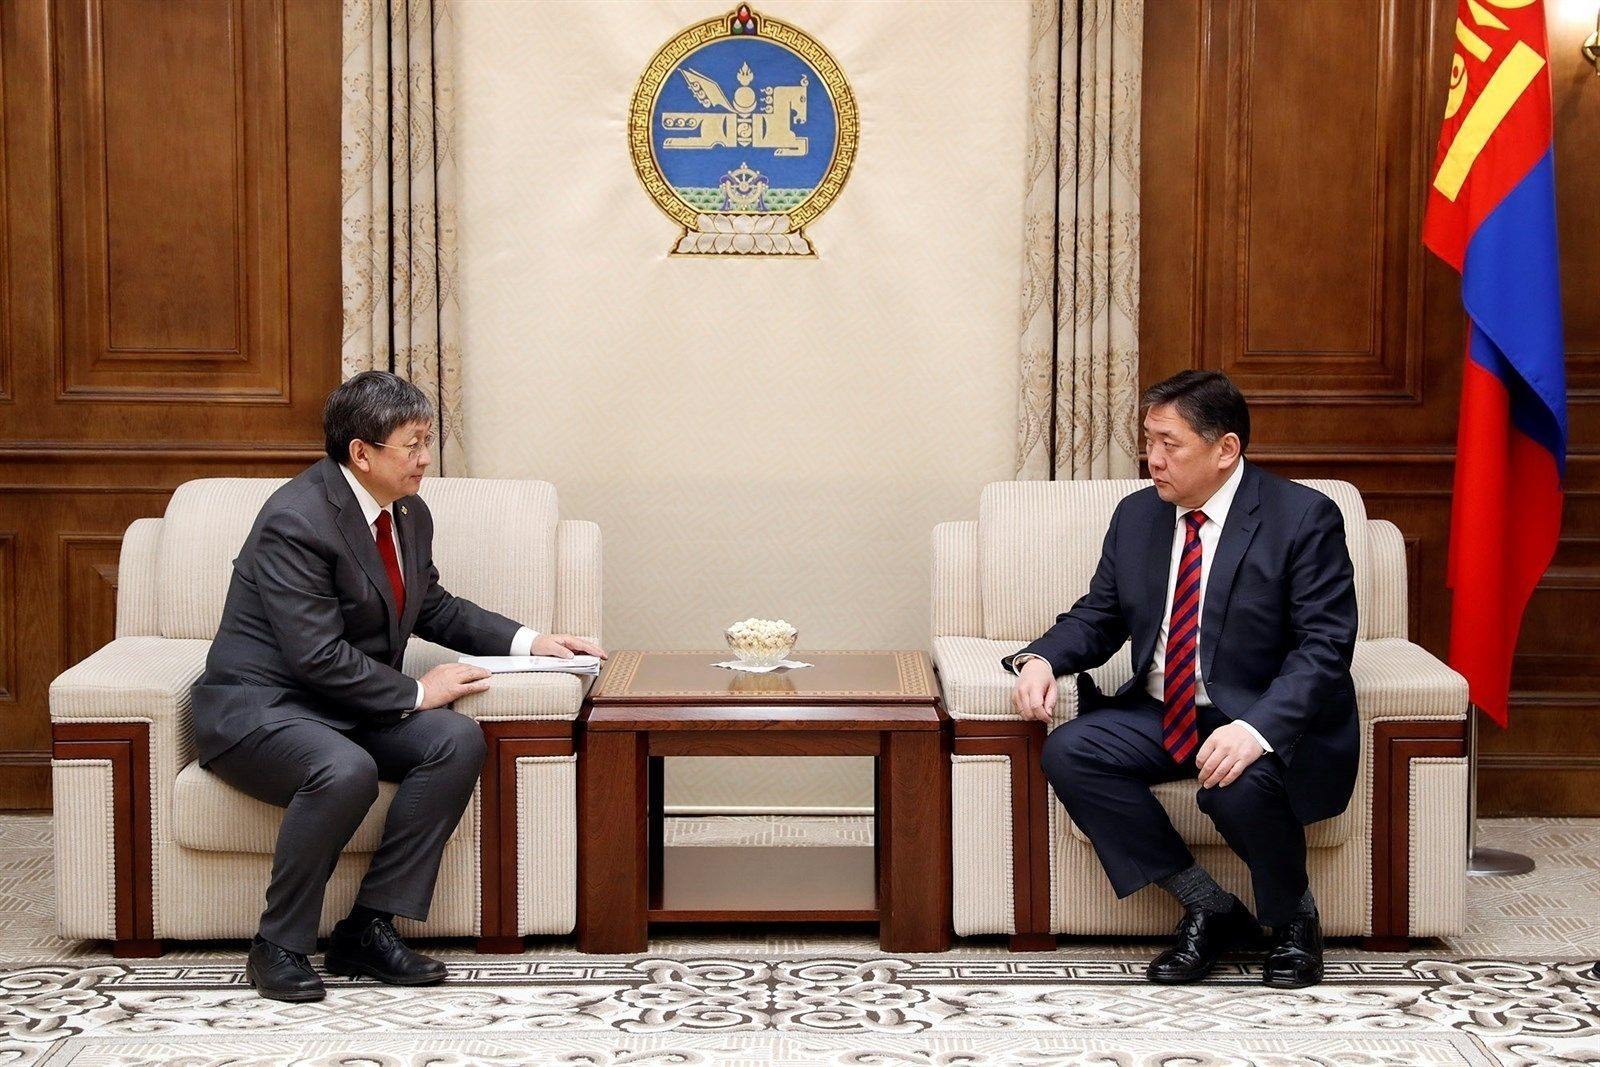 d2792a_f697205c-bbd9-43b1-a705-6a4f2608c23f_x974 Санхүүжилтийн ерөнхий хөтөлбөр, Монгол БНСУ-ын Засгийн газар хоорондын хэлэлцээрийн төслийг өргөн барилаа